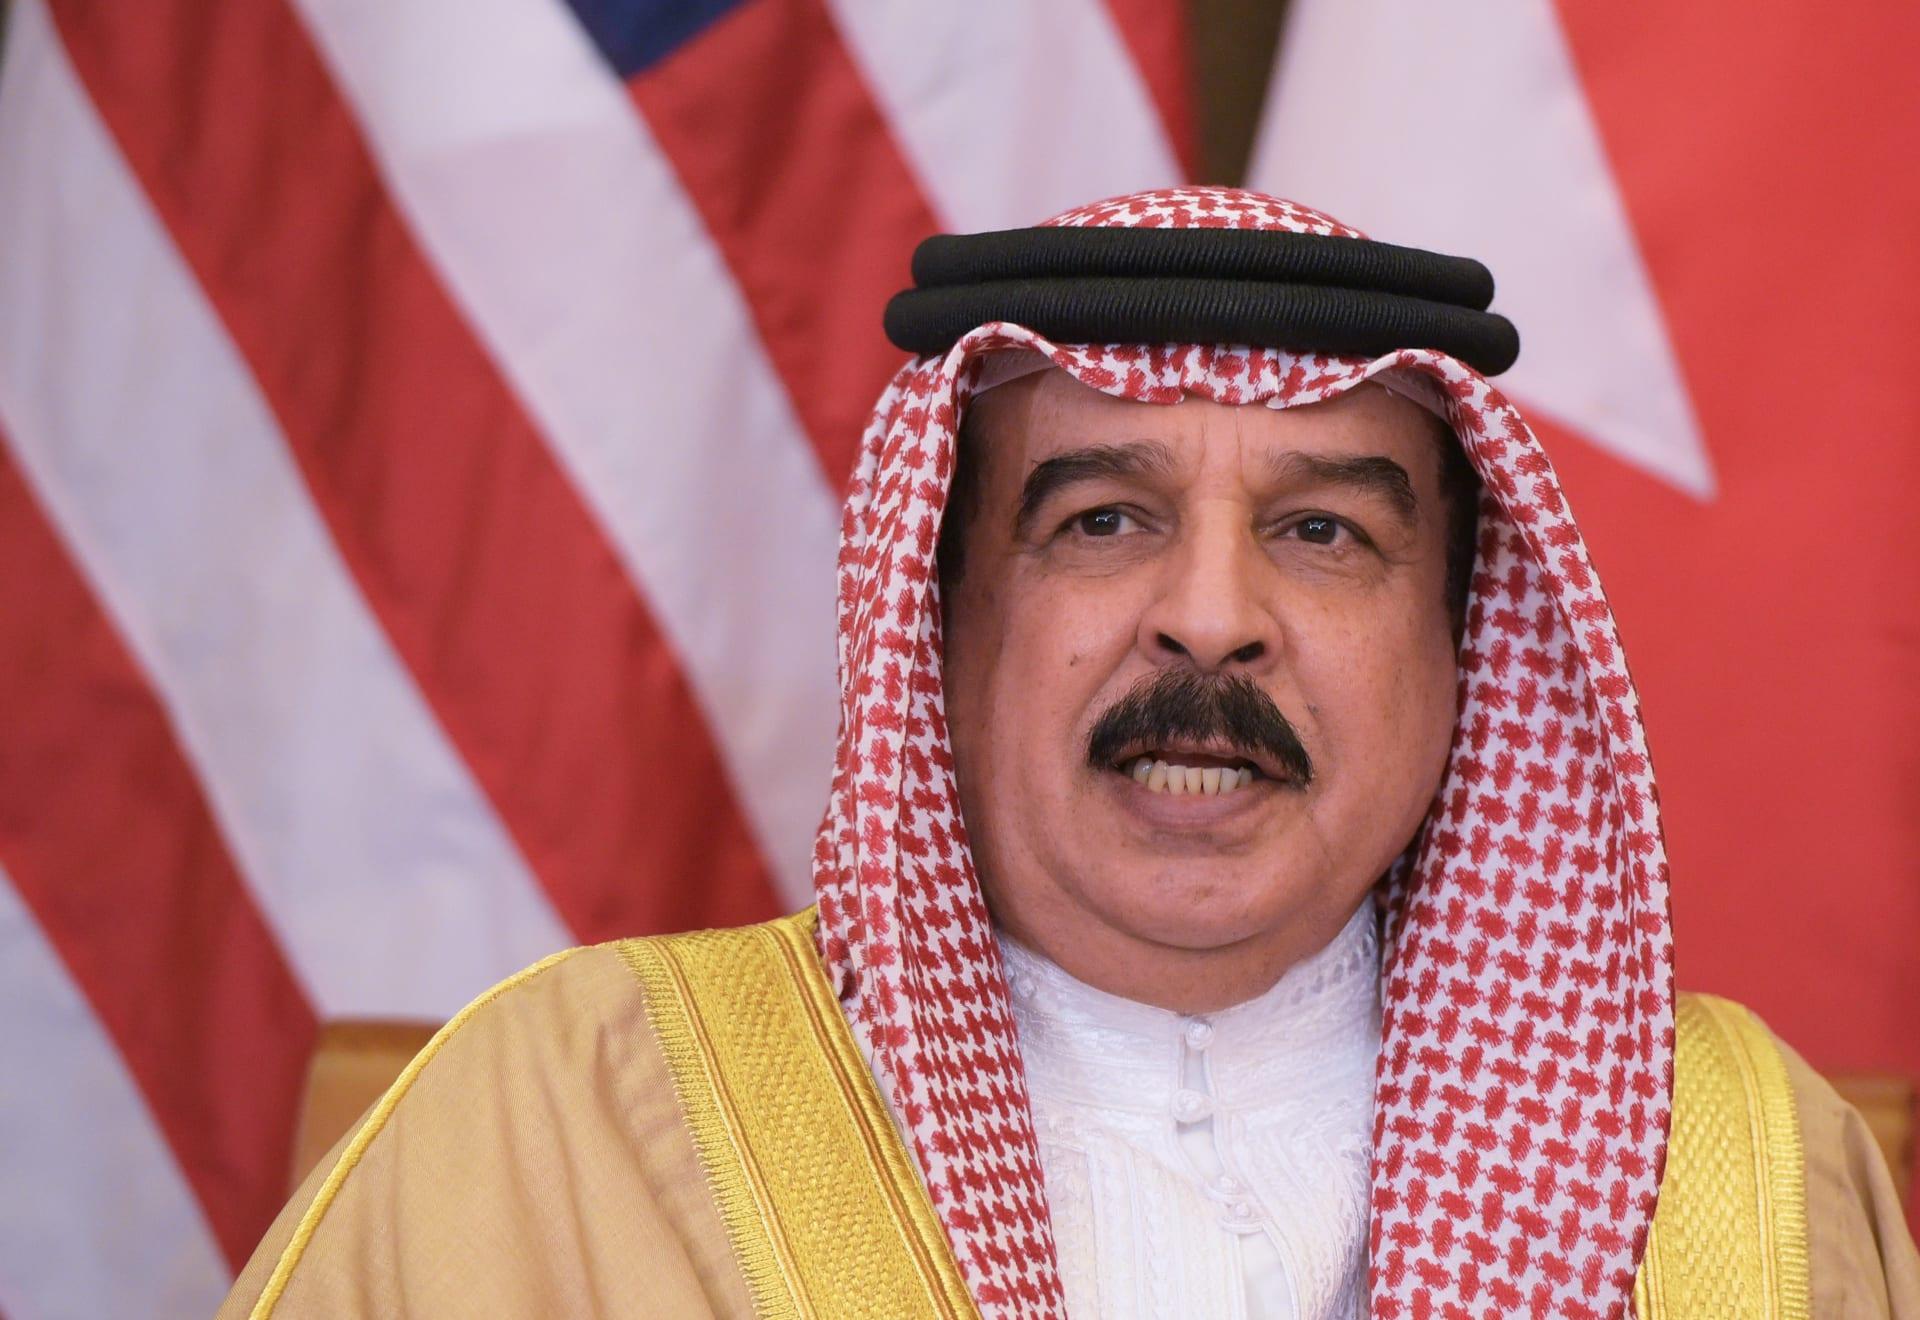 ملك البحرين يأخذ لقاحاً مُضاداً لفيروس كورونا